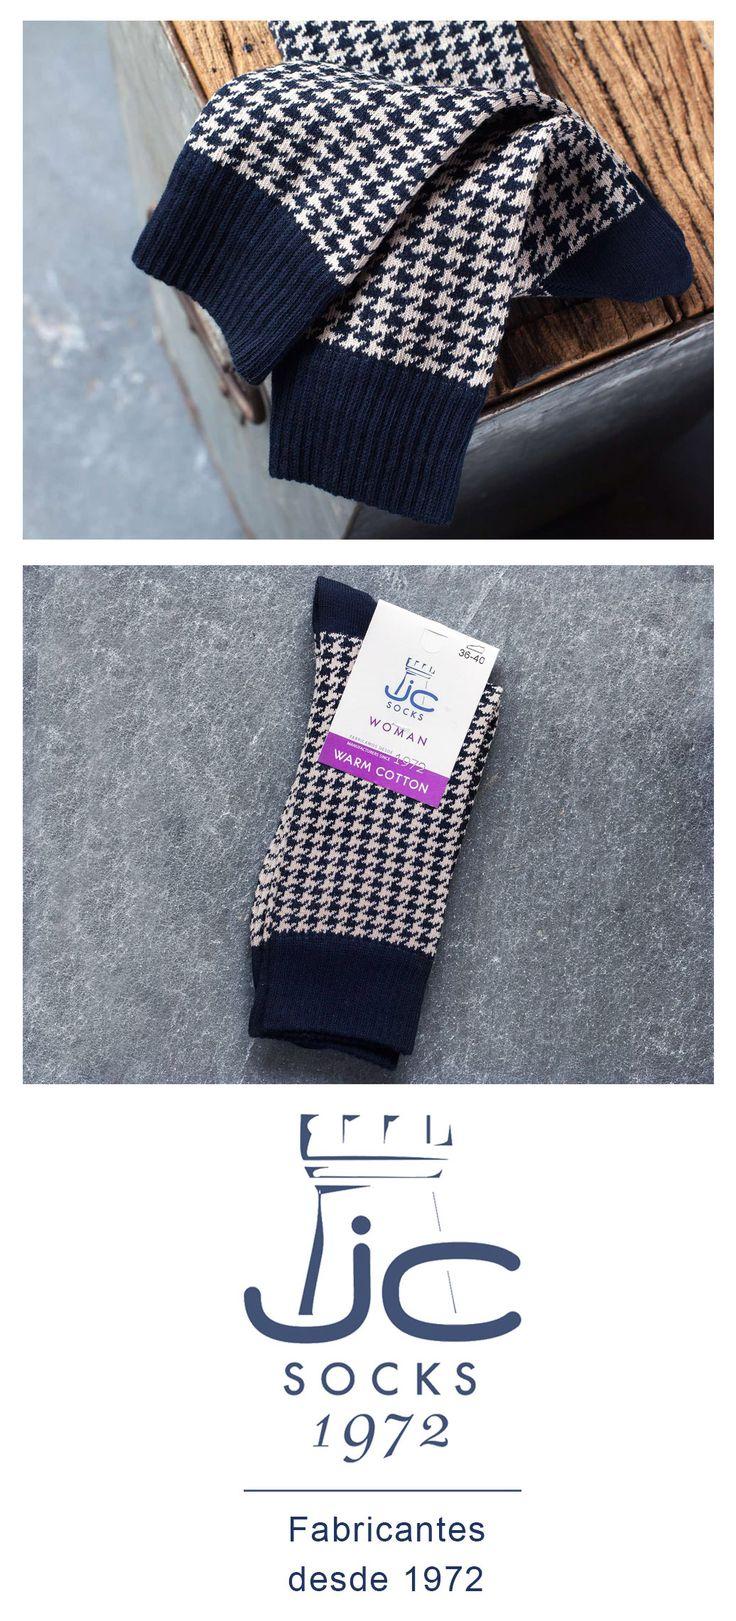 CAlcetines mujer estilo vintage invierno. Fabricantes de calcetines desde 1972